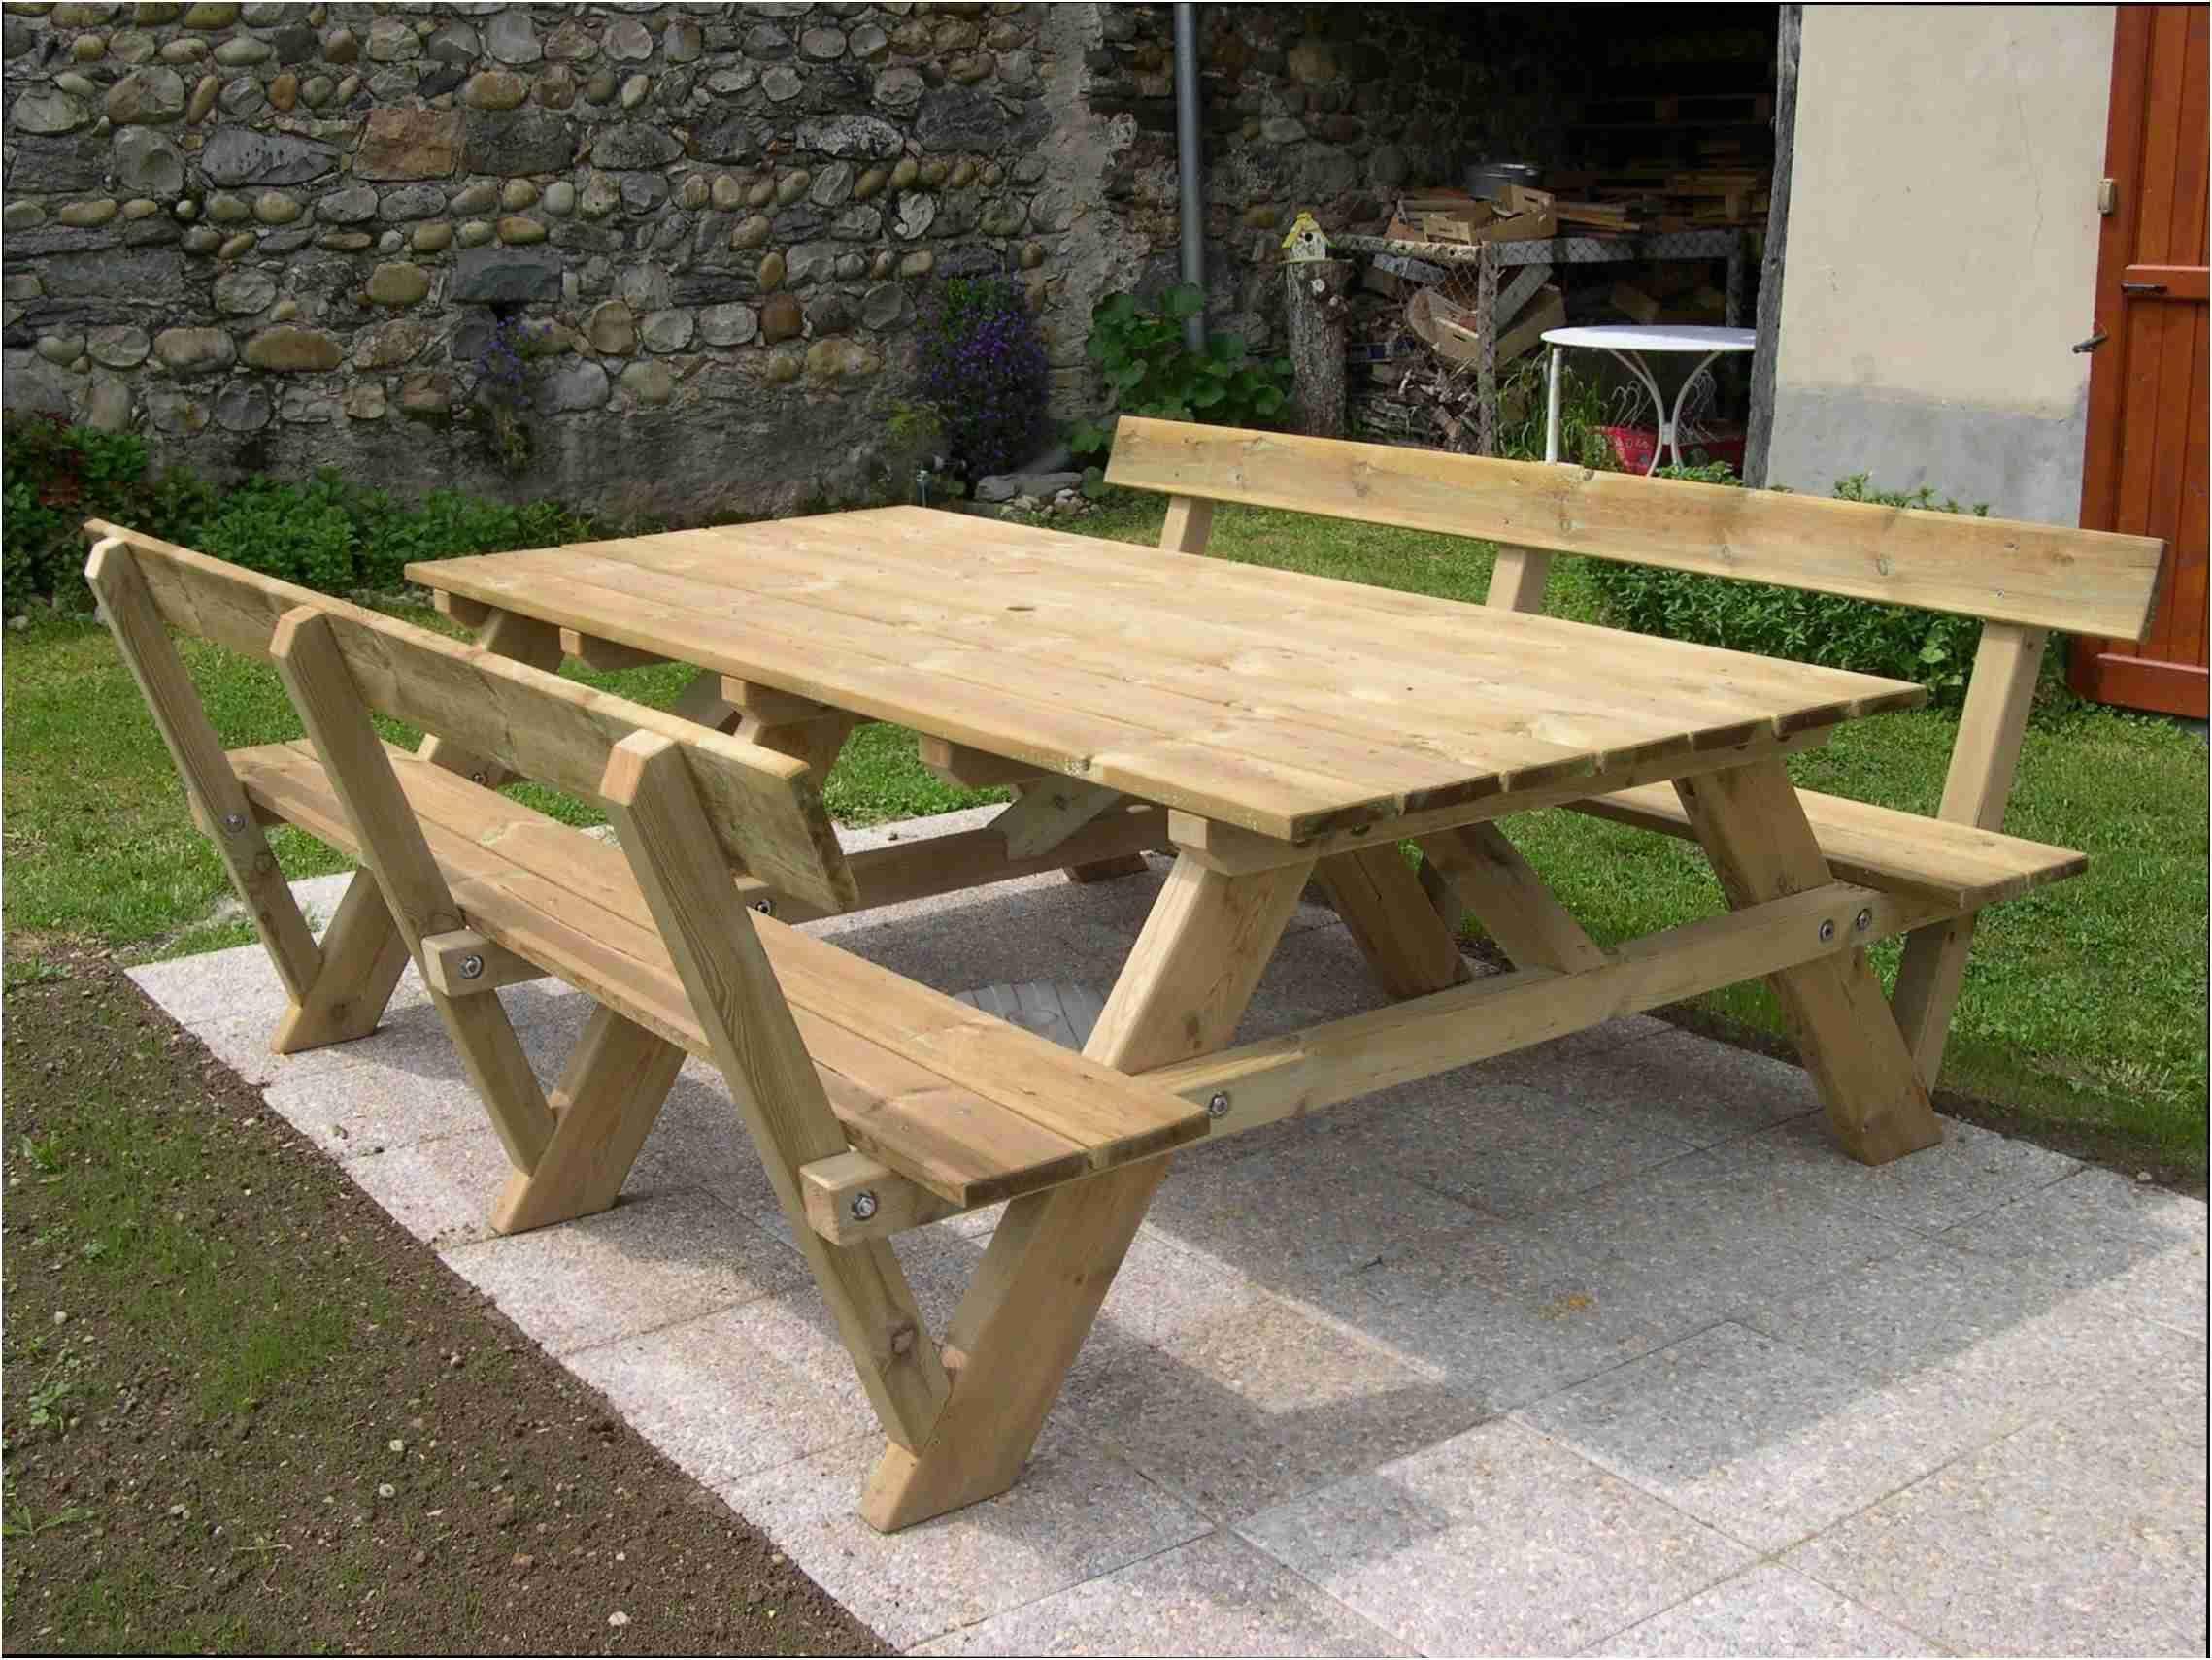 Table Exterieur En Bois Élégant Table Exterieur En Bois ... pour Plan Pour Fabriquer Une Table De Jardin En Bois